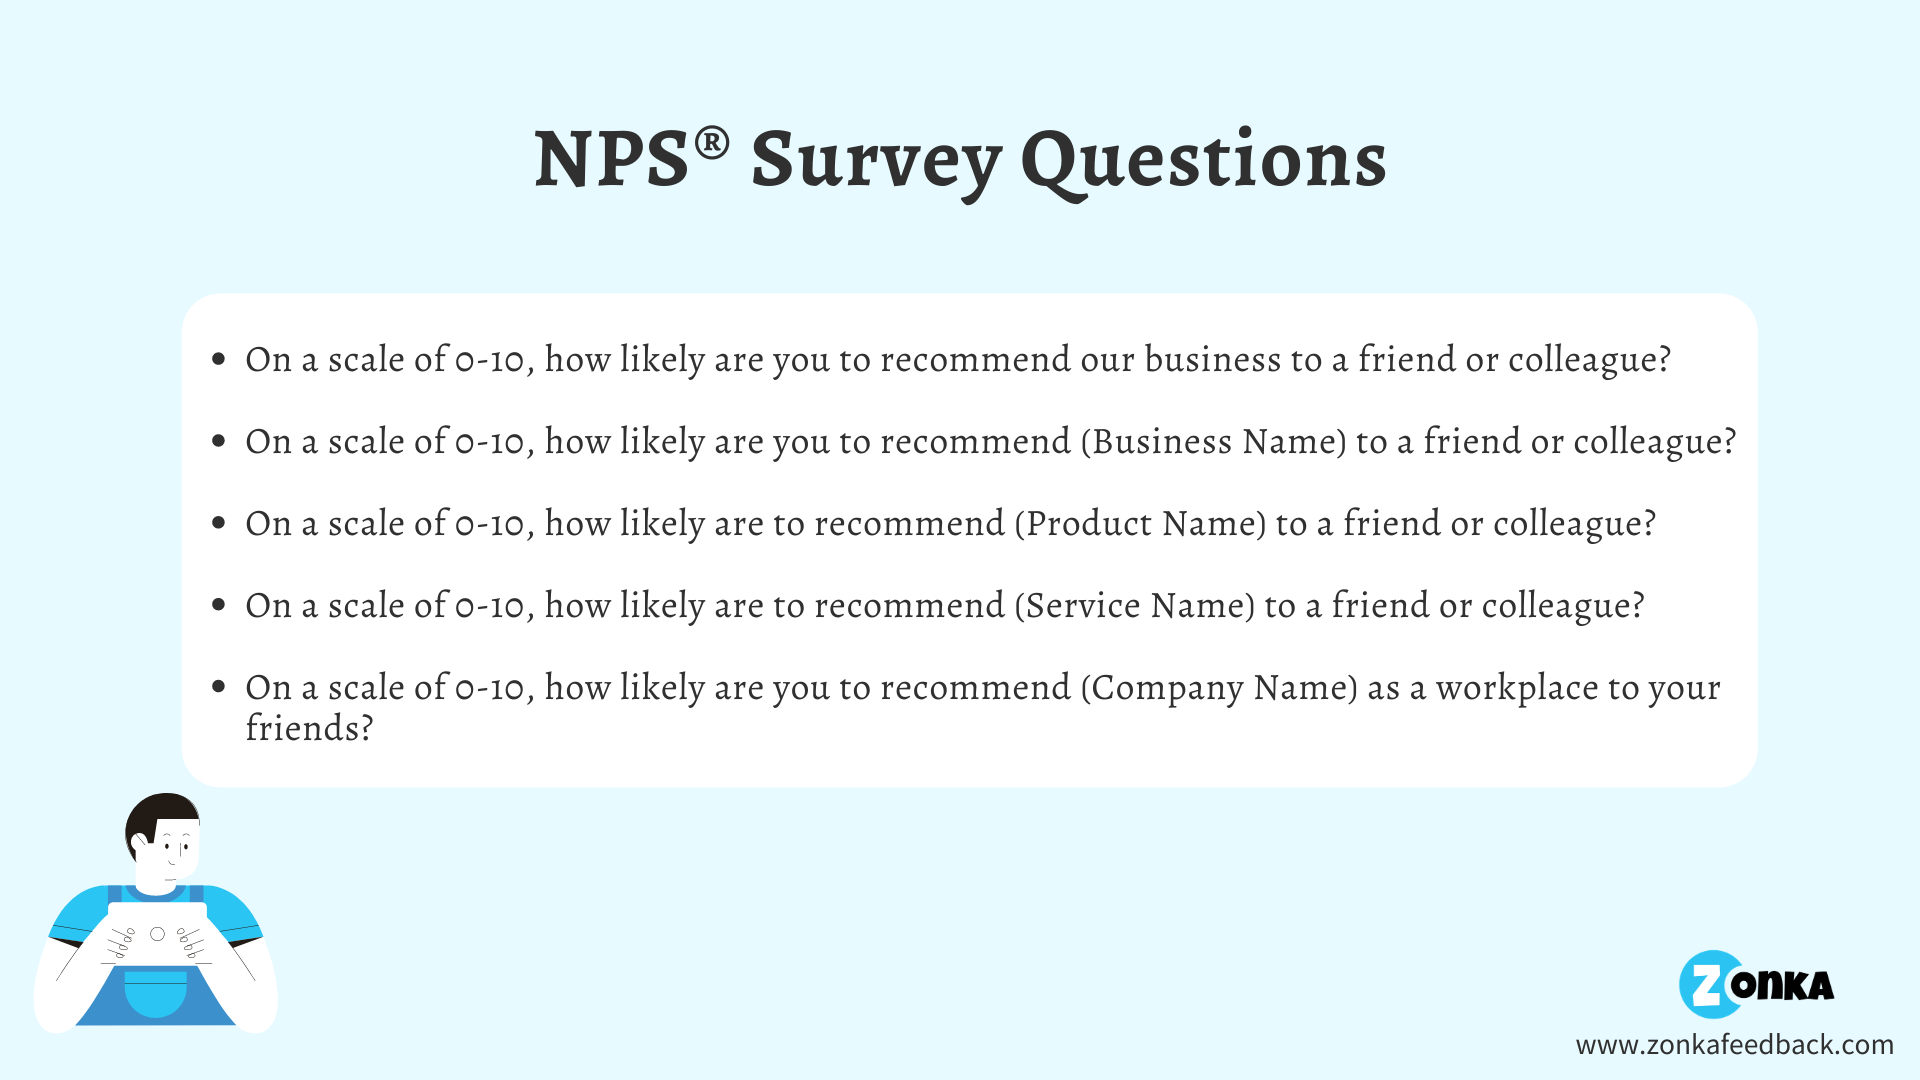 NPS Survey Questions